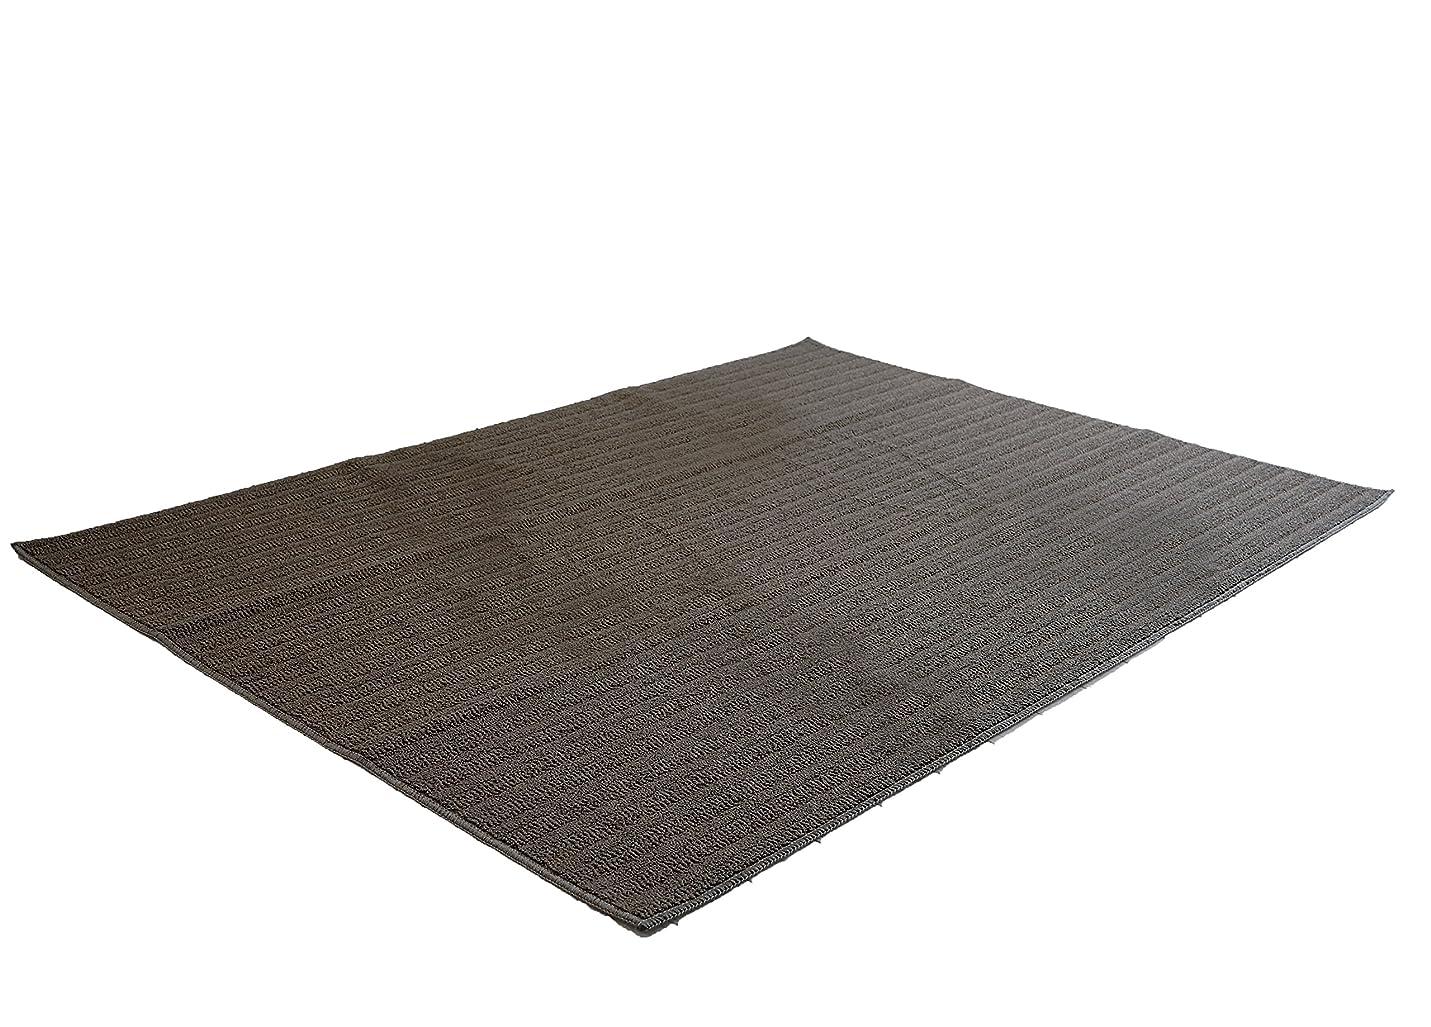 道路を作るプロセスガイド適合するスミノエ(Suminoe) ラグ?カーペット ブラウン 185×240cm 洗える 防ダニ ナチュール